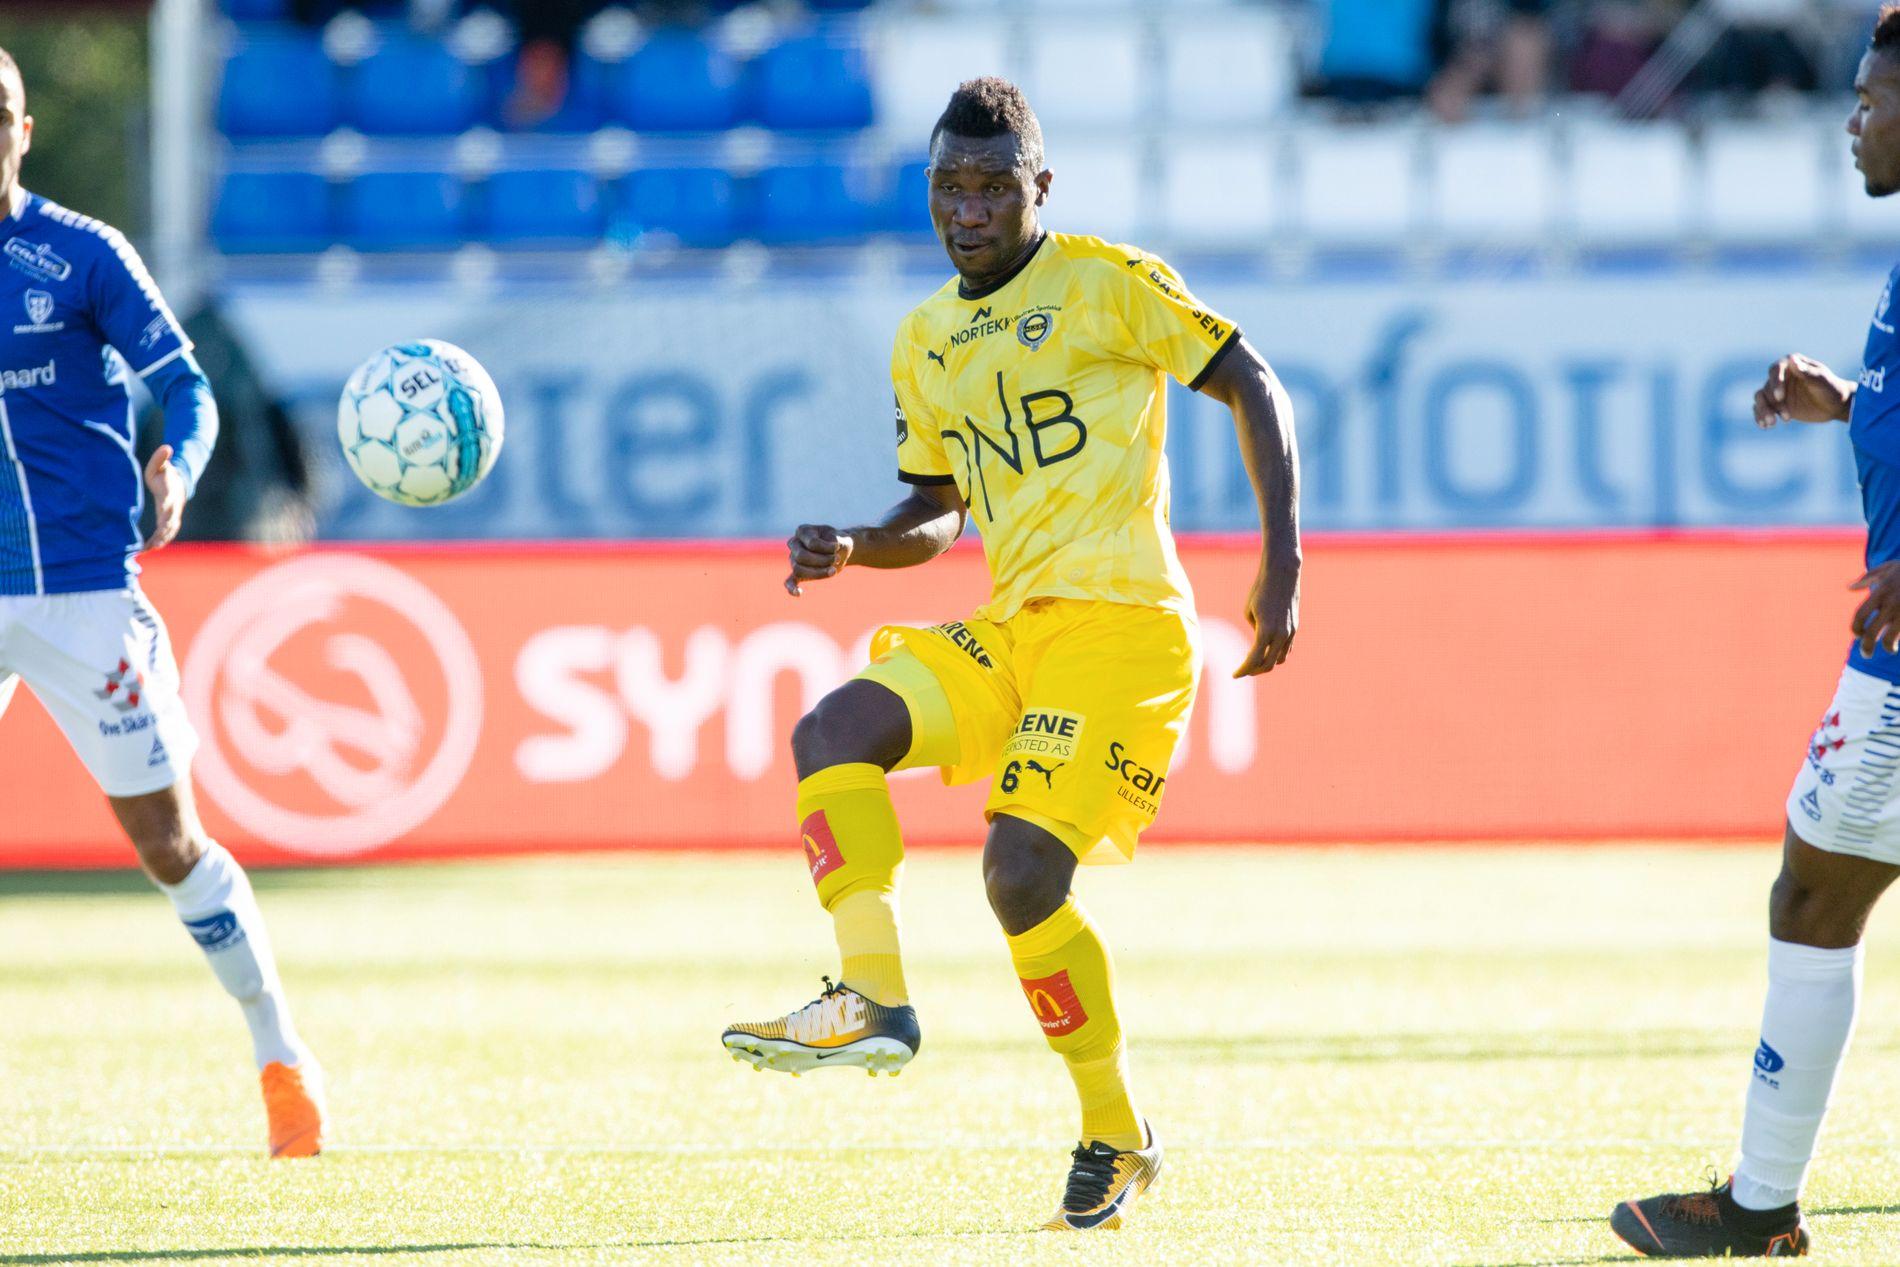 FLYTTER IKKE I NORGE: Ifeanyi Mathew i aksjon for Lillestrøm i søndagens kamp mot Sarpsborg. Det blir neppe hans siste i gul drakt.